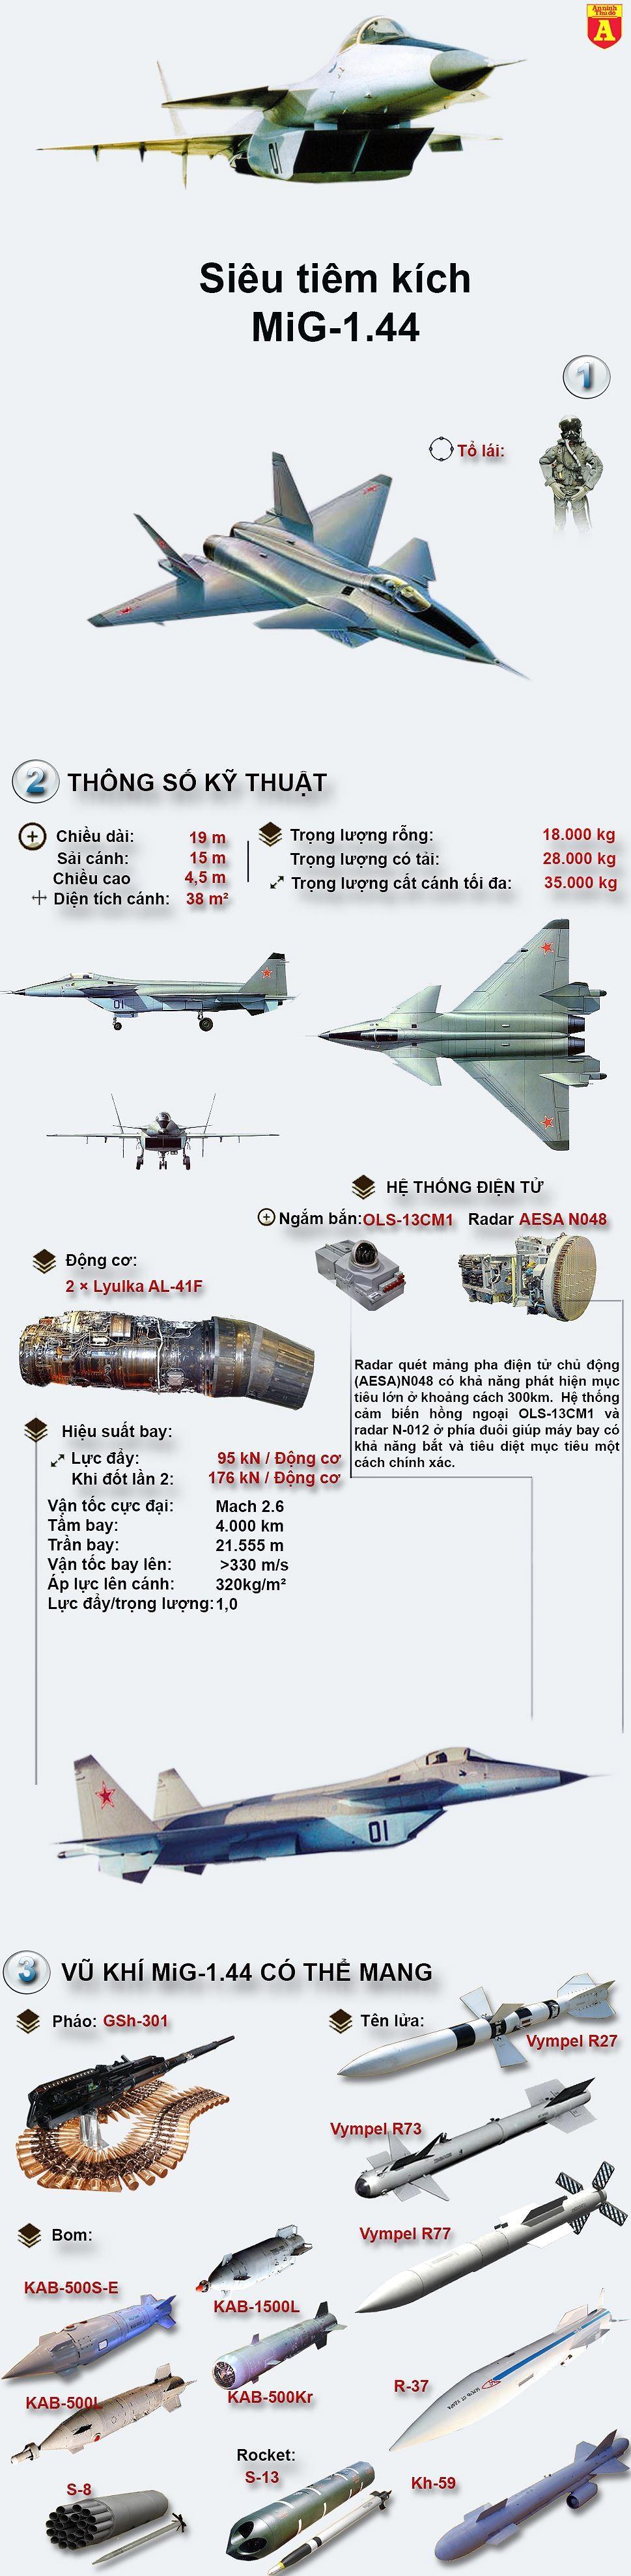 [ĐỒ HỌA] Siêu tiêm kích tàng hình J-20 Trung Quốc phải chăng là copy từ mẫu MIG-1.44 Nga? ảnh 2